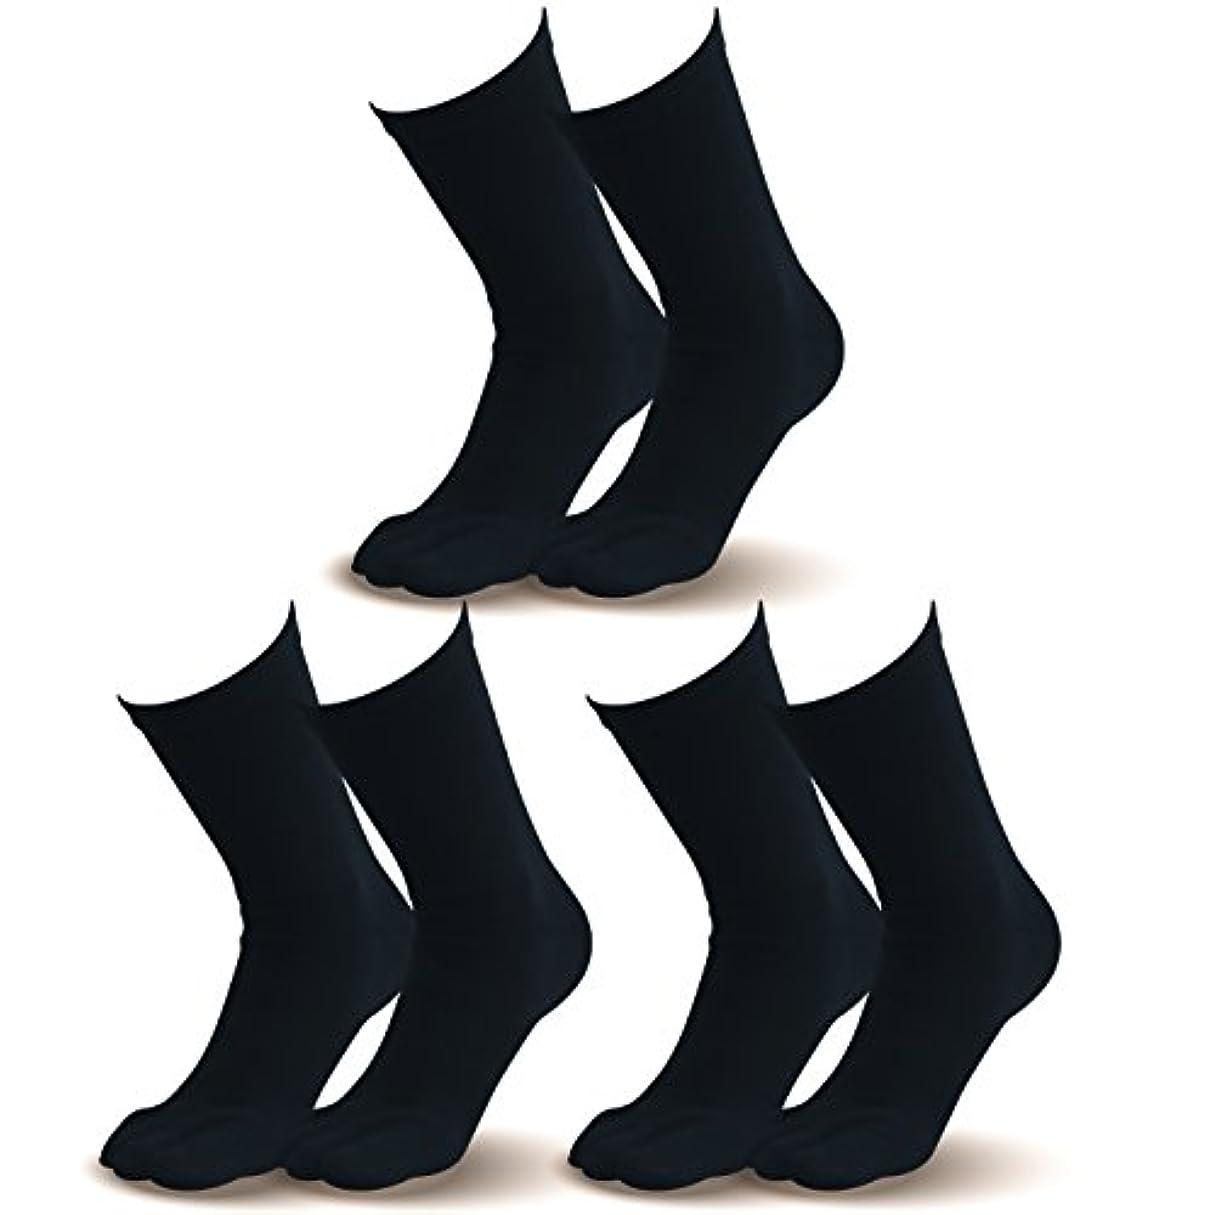 ベストガチョウ令状【指先まであったか靴下】とってもお得な ブラック3足組  温かい 暖かい 遠赤外線加工 セラミック 伸びる 外反母趾対策 健康 5本指ソックス